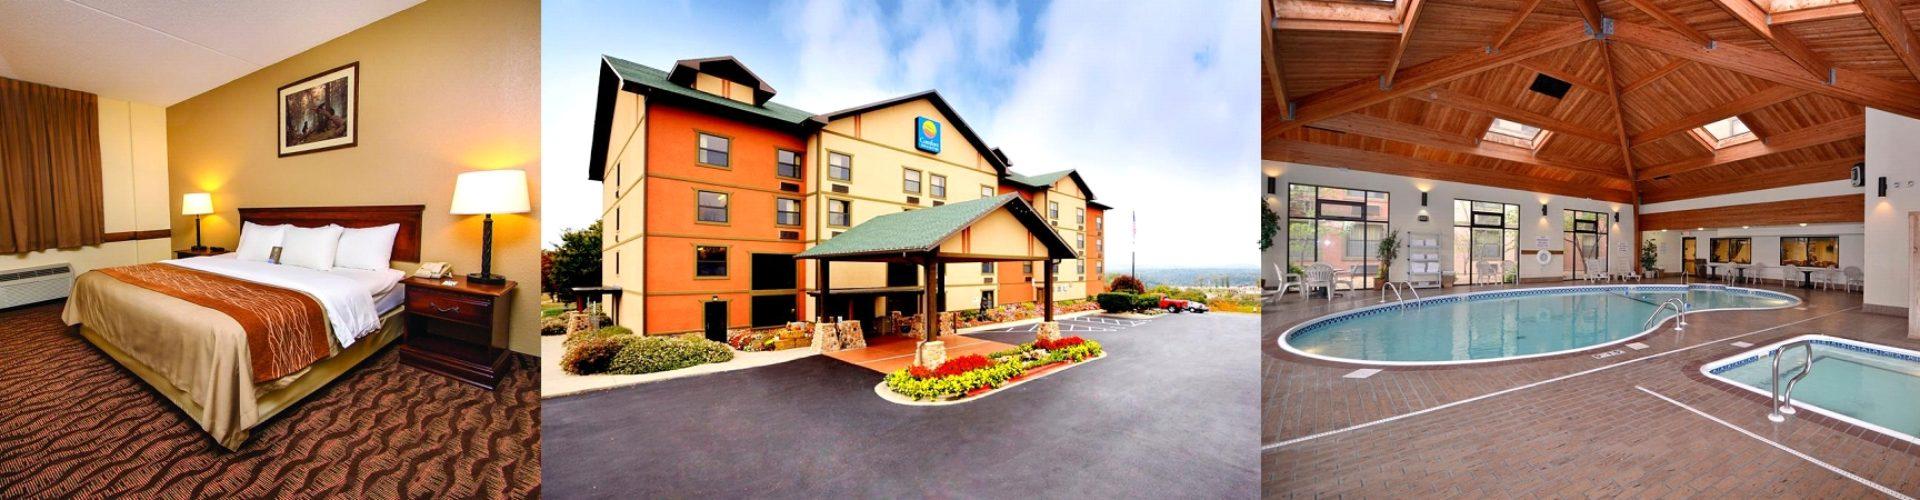 Comfort Inn Amp Suites Branson Call 1 800 504 0115